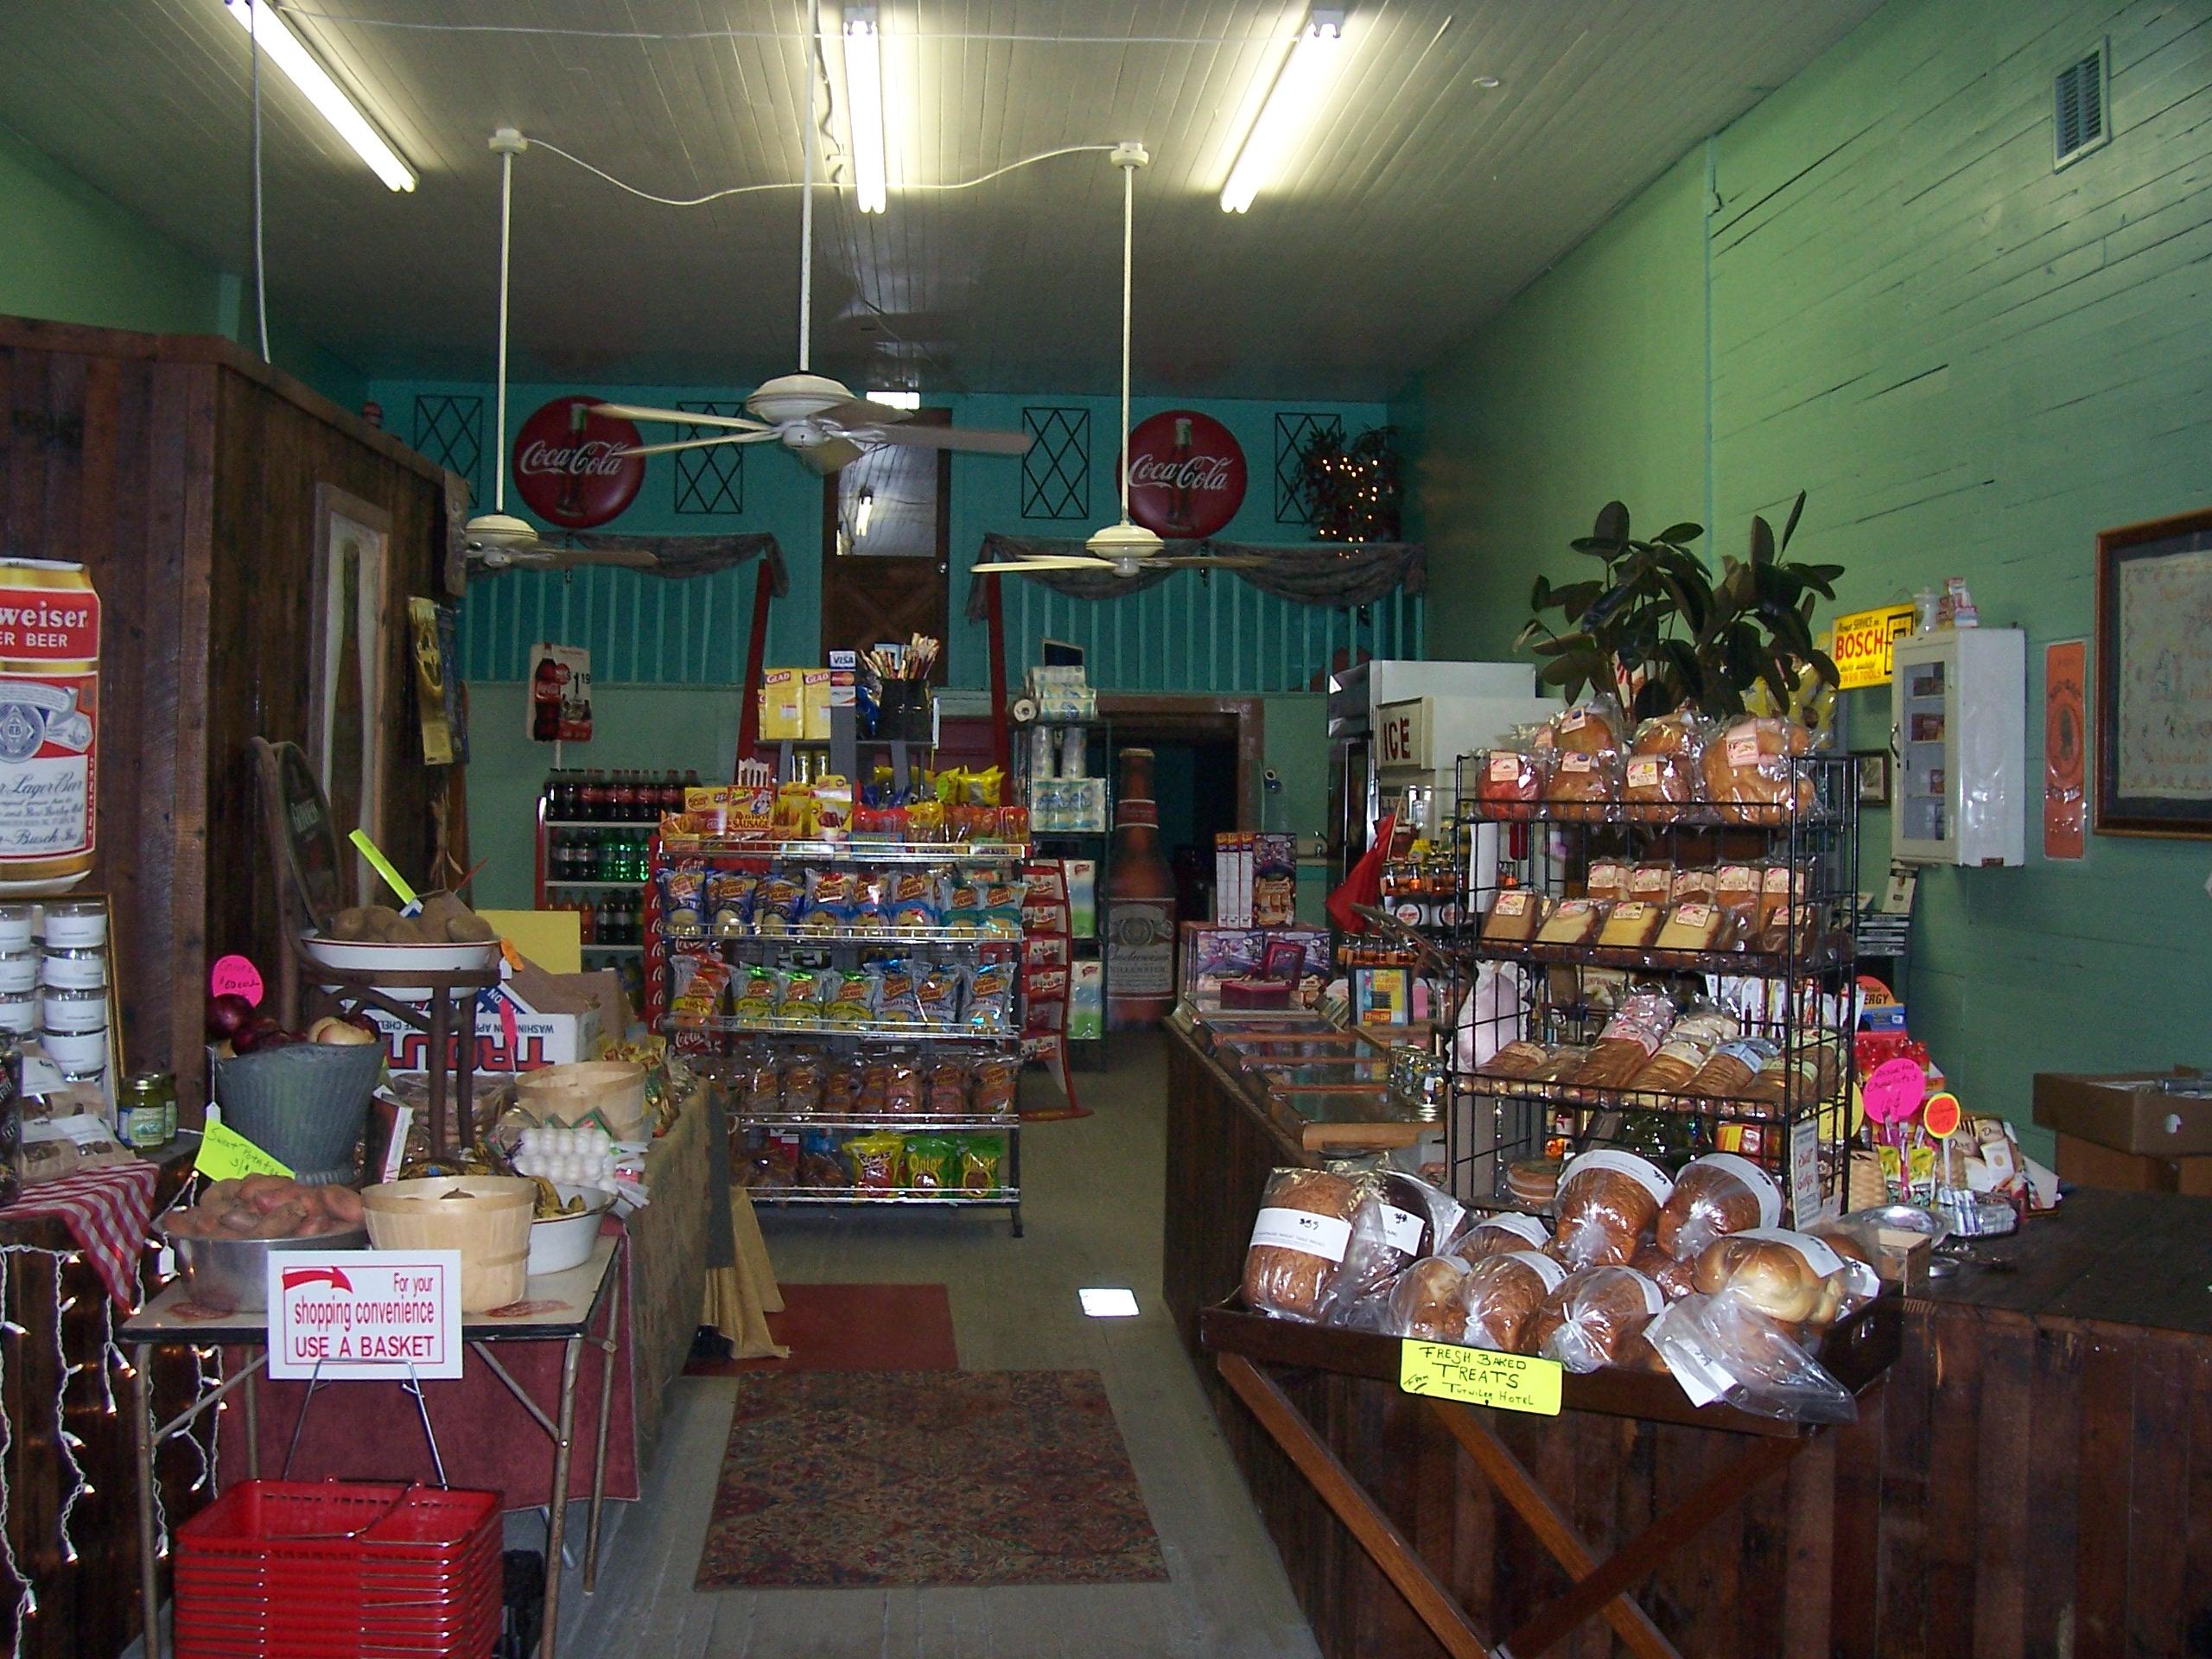 Gypsy Market in Birmingham Alabama